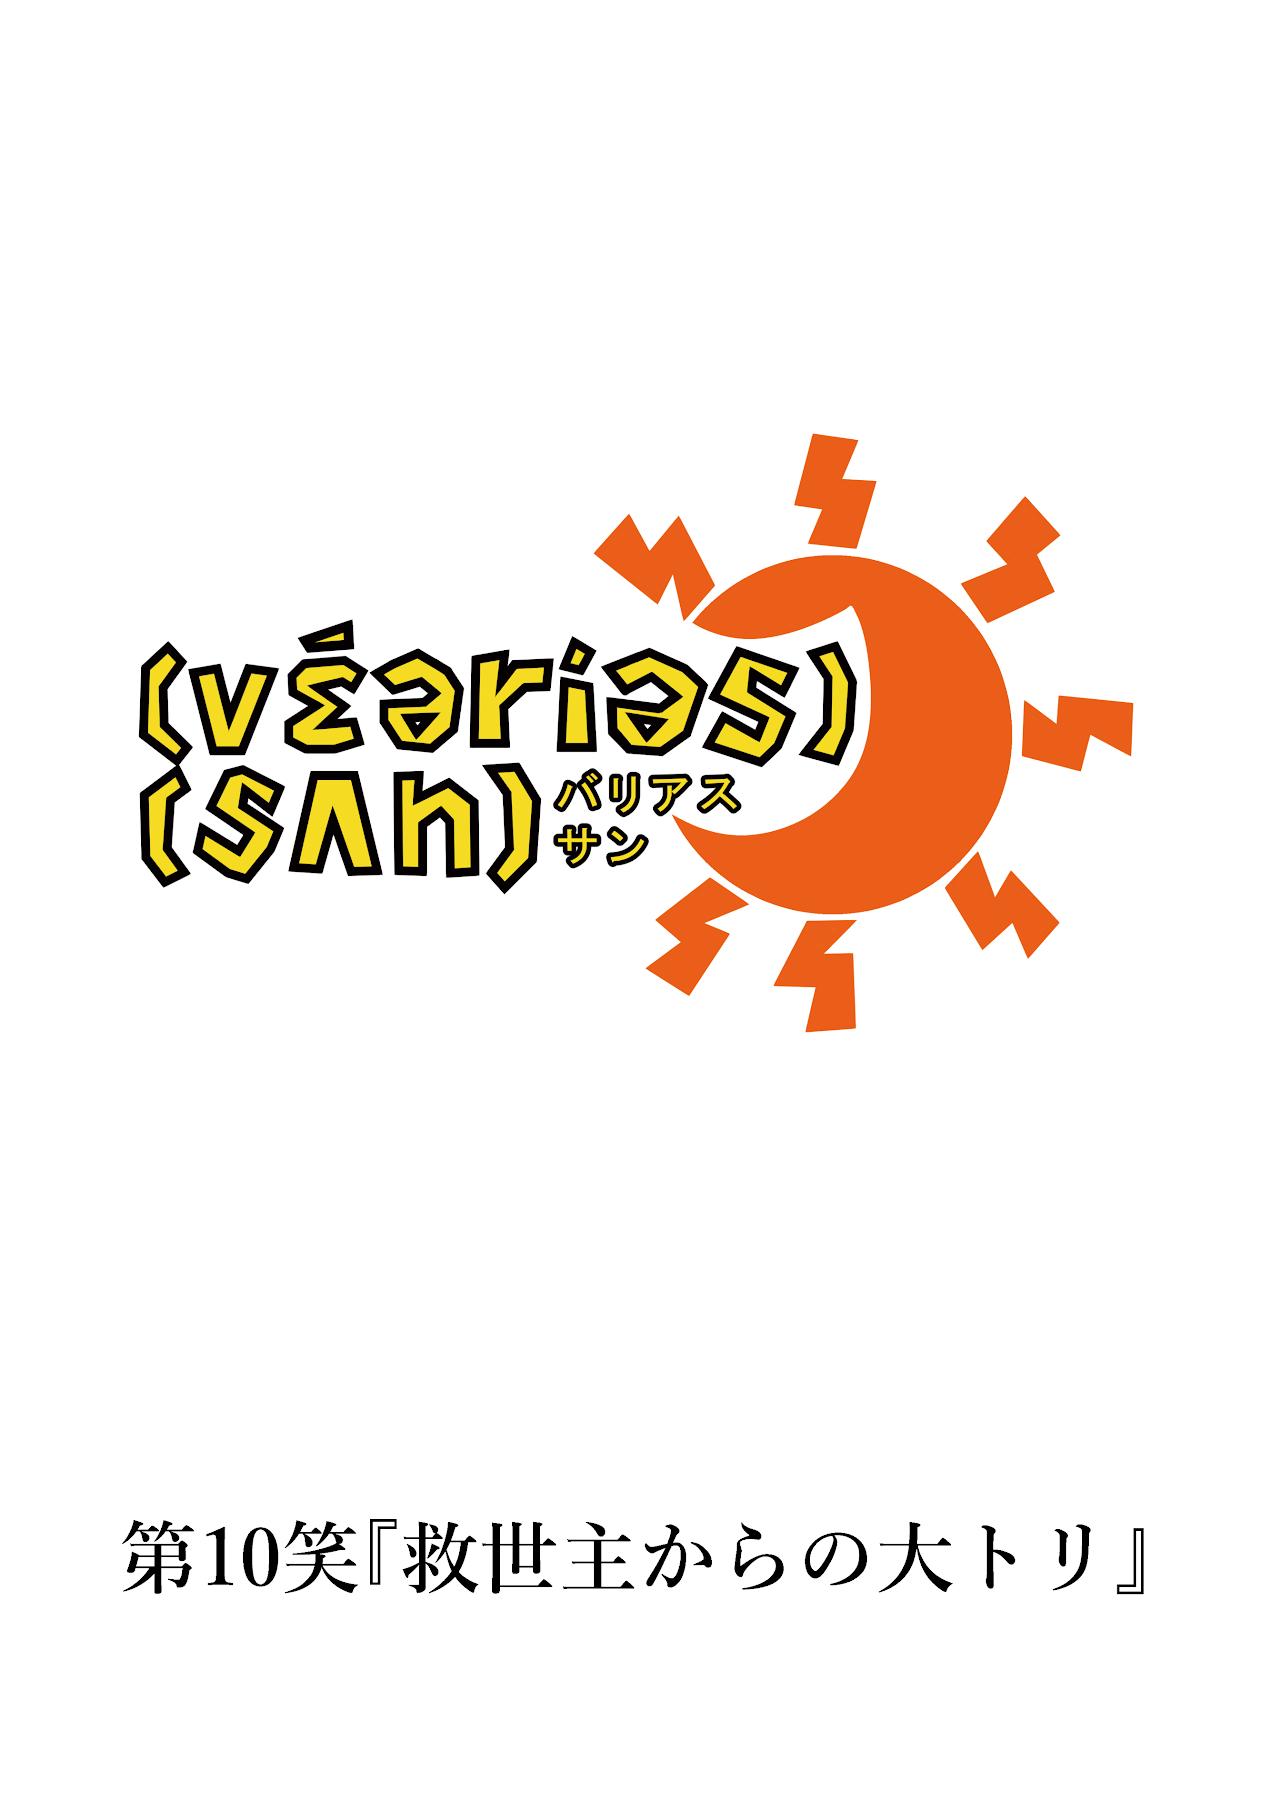 バリアス・サン10_1